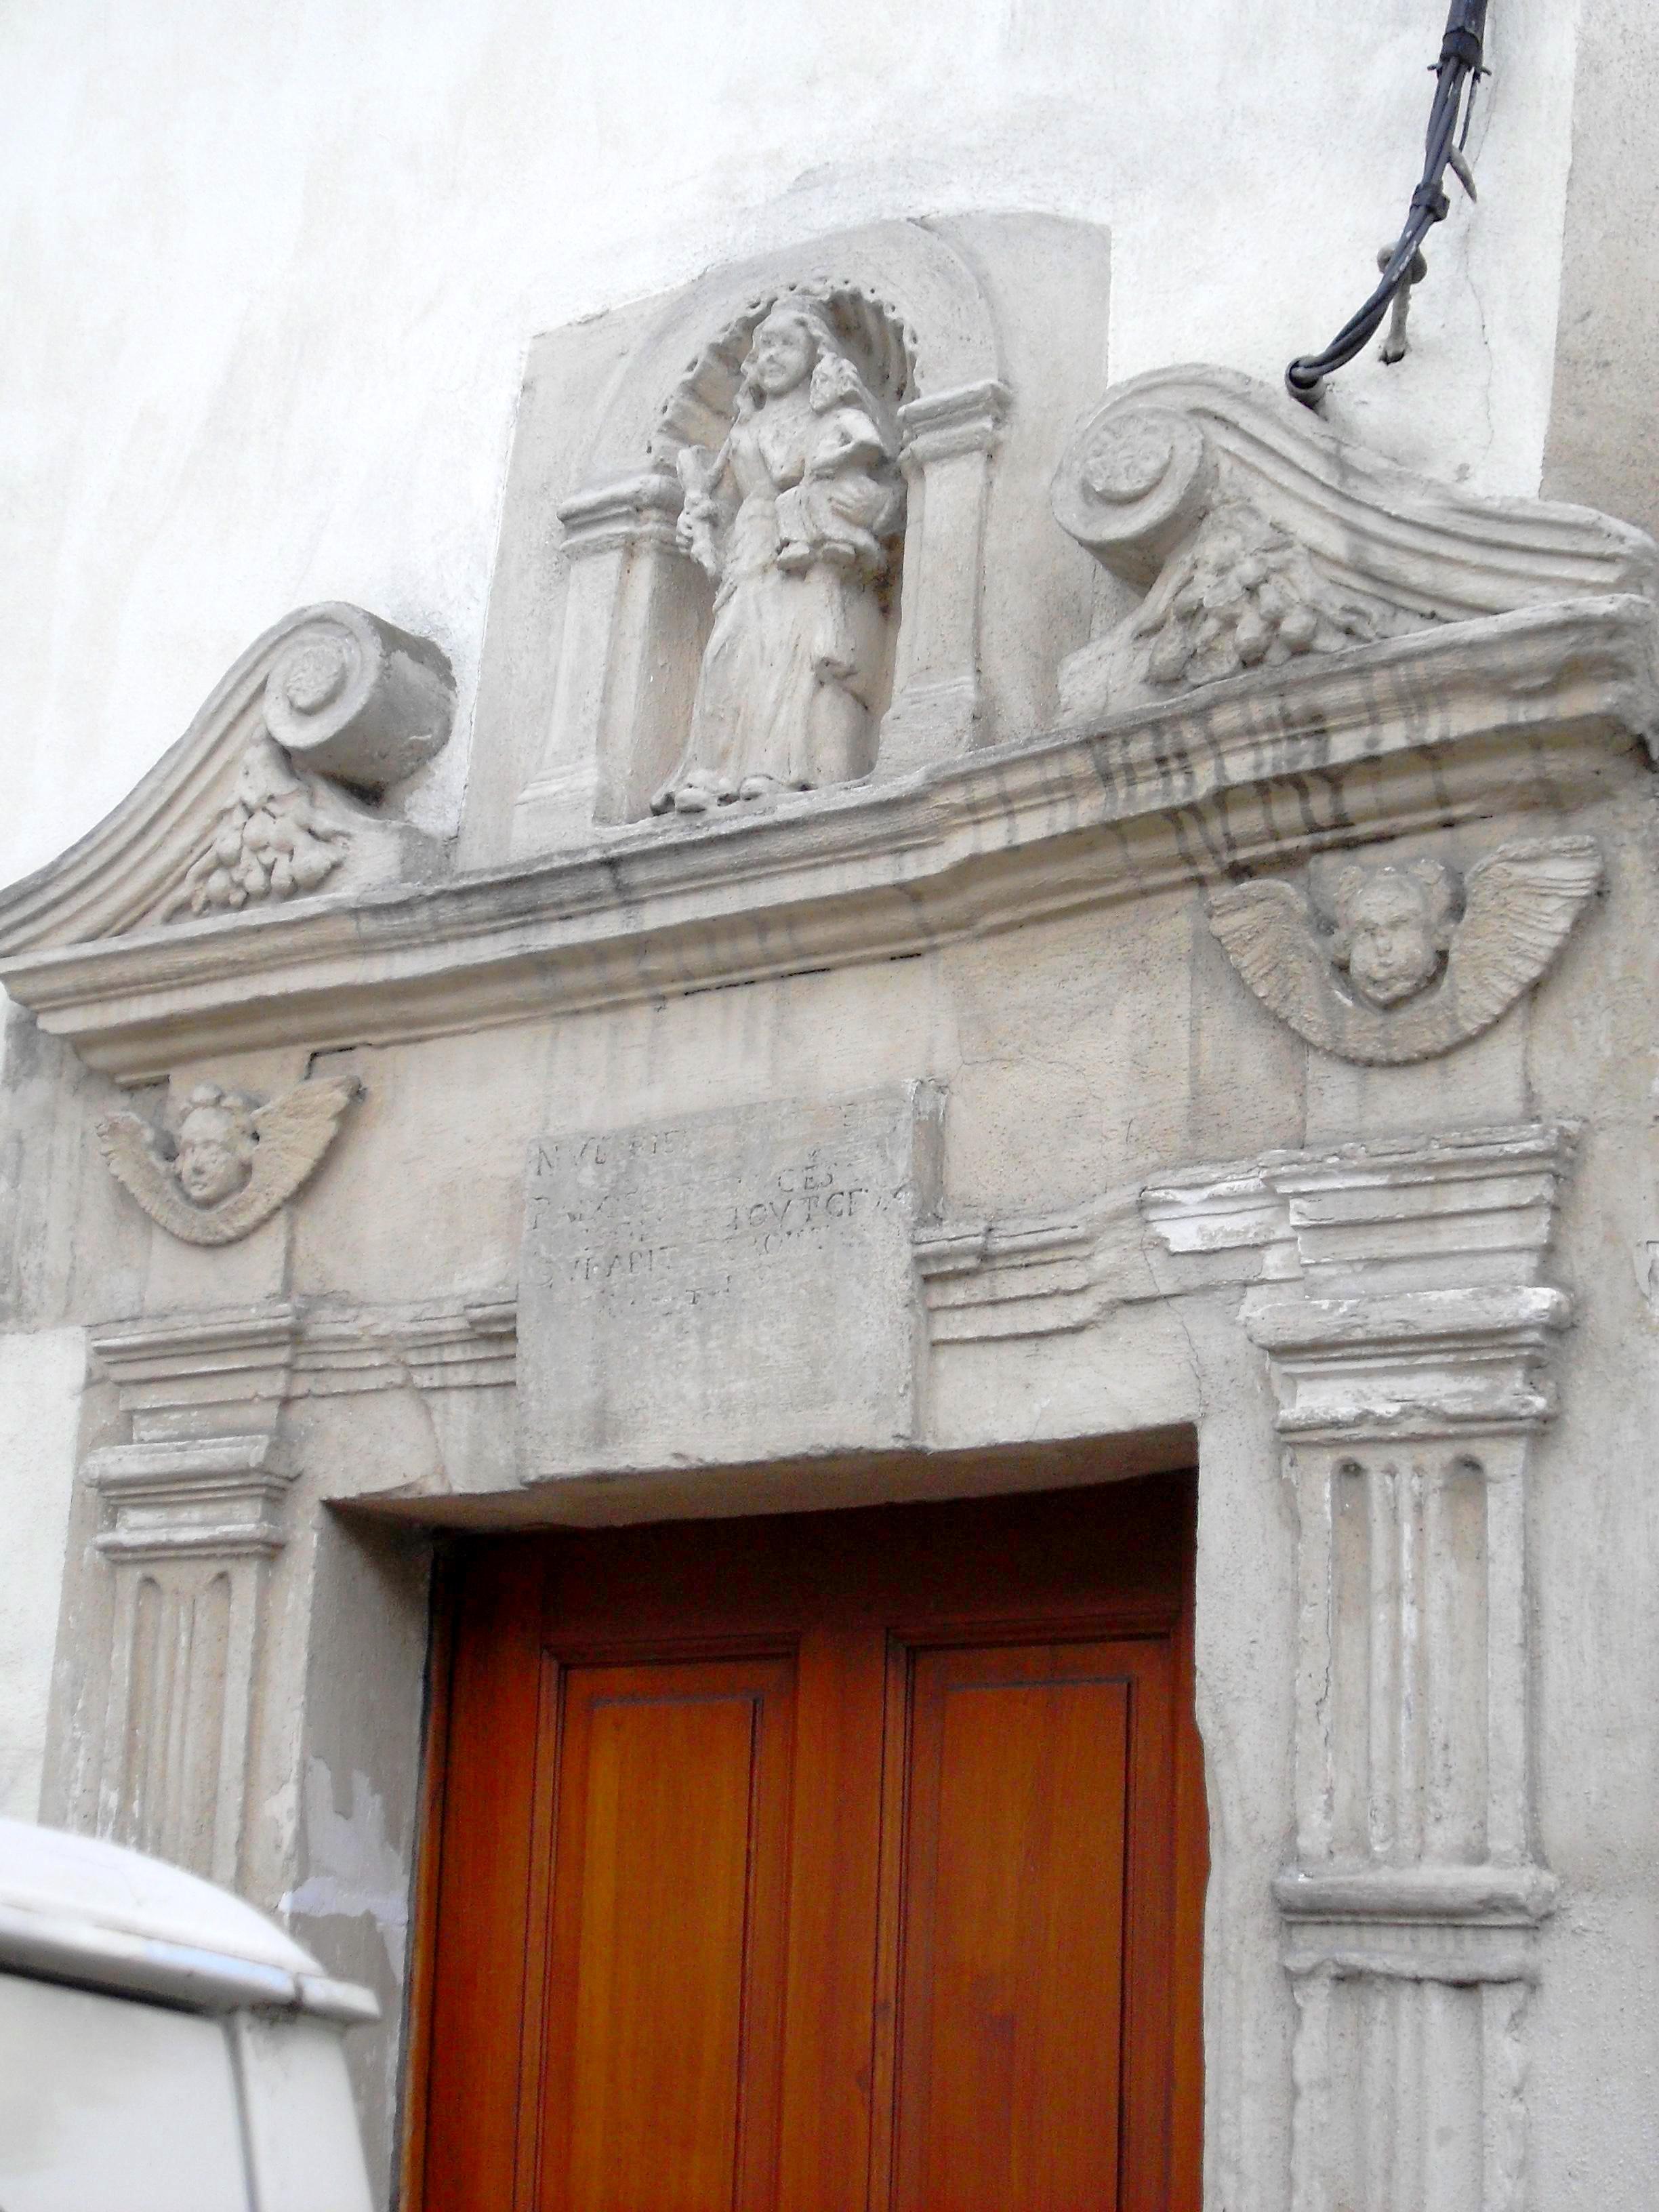 Fichier foug chambranle de porte sculpt jpg for Chambranle de la porte